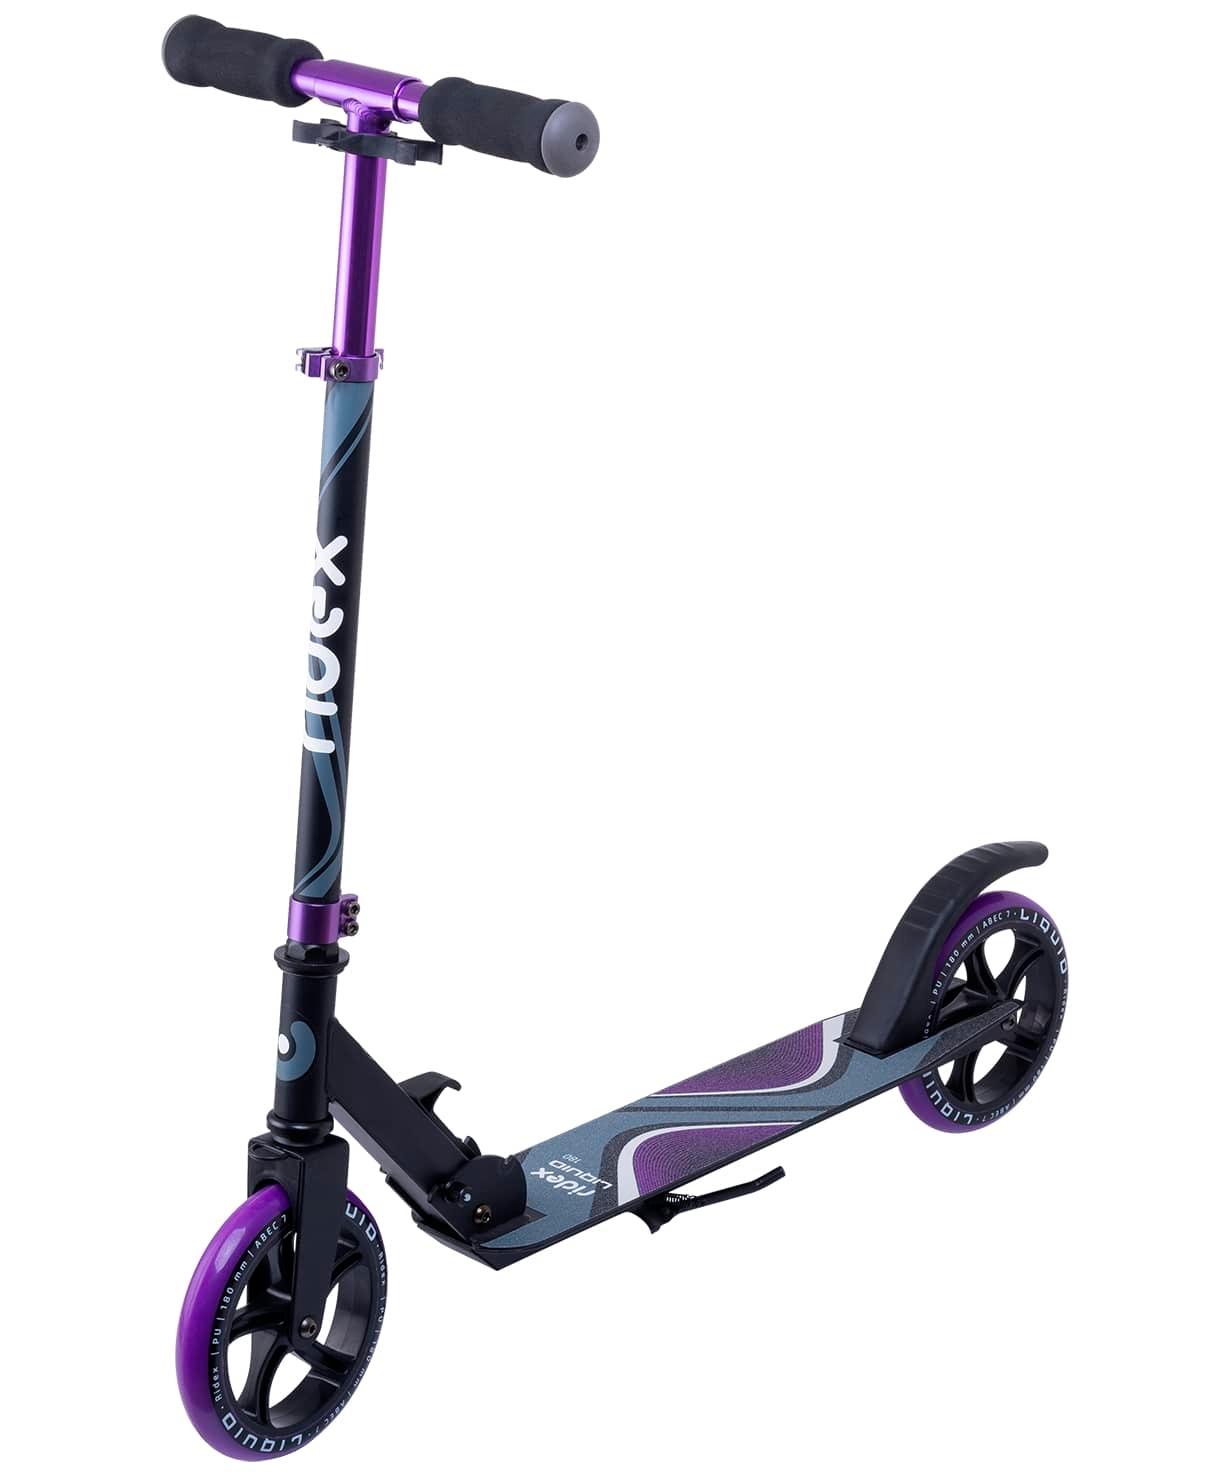 Самокат 2-колесный Liquid 180 мм, черный/фиолетовый